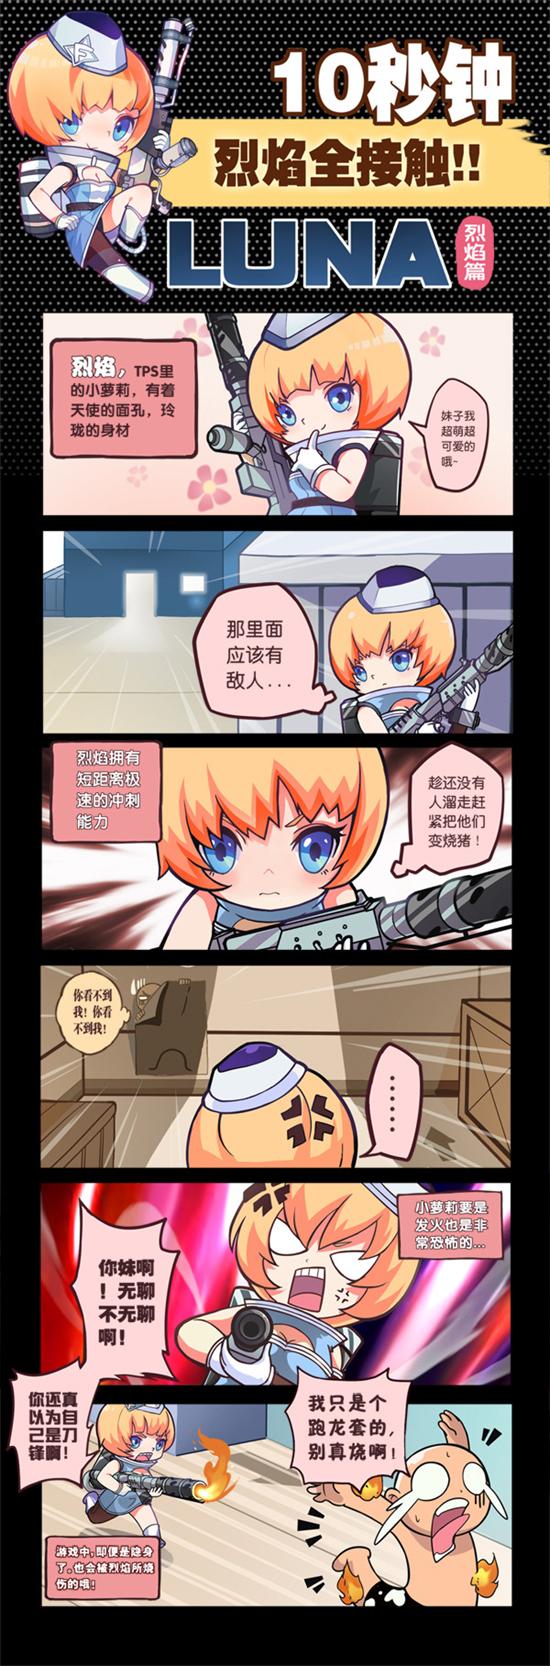 小漫画之有关烈焰小萝莉的简单看看